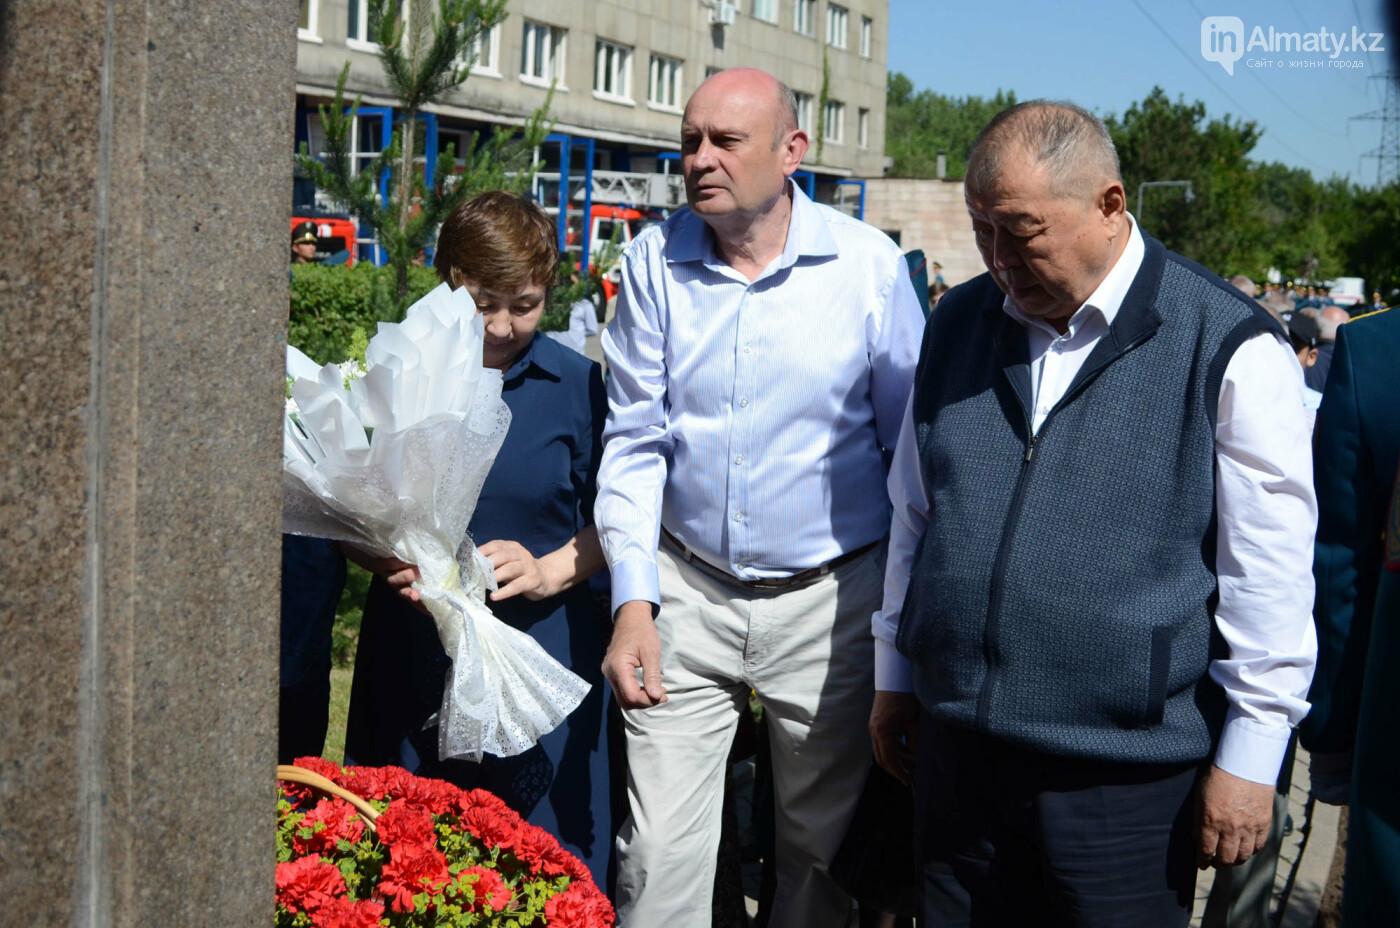 В Алматы почтили память пожарных героически погибших 30 лет назад , фото-15